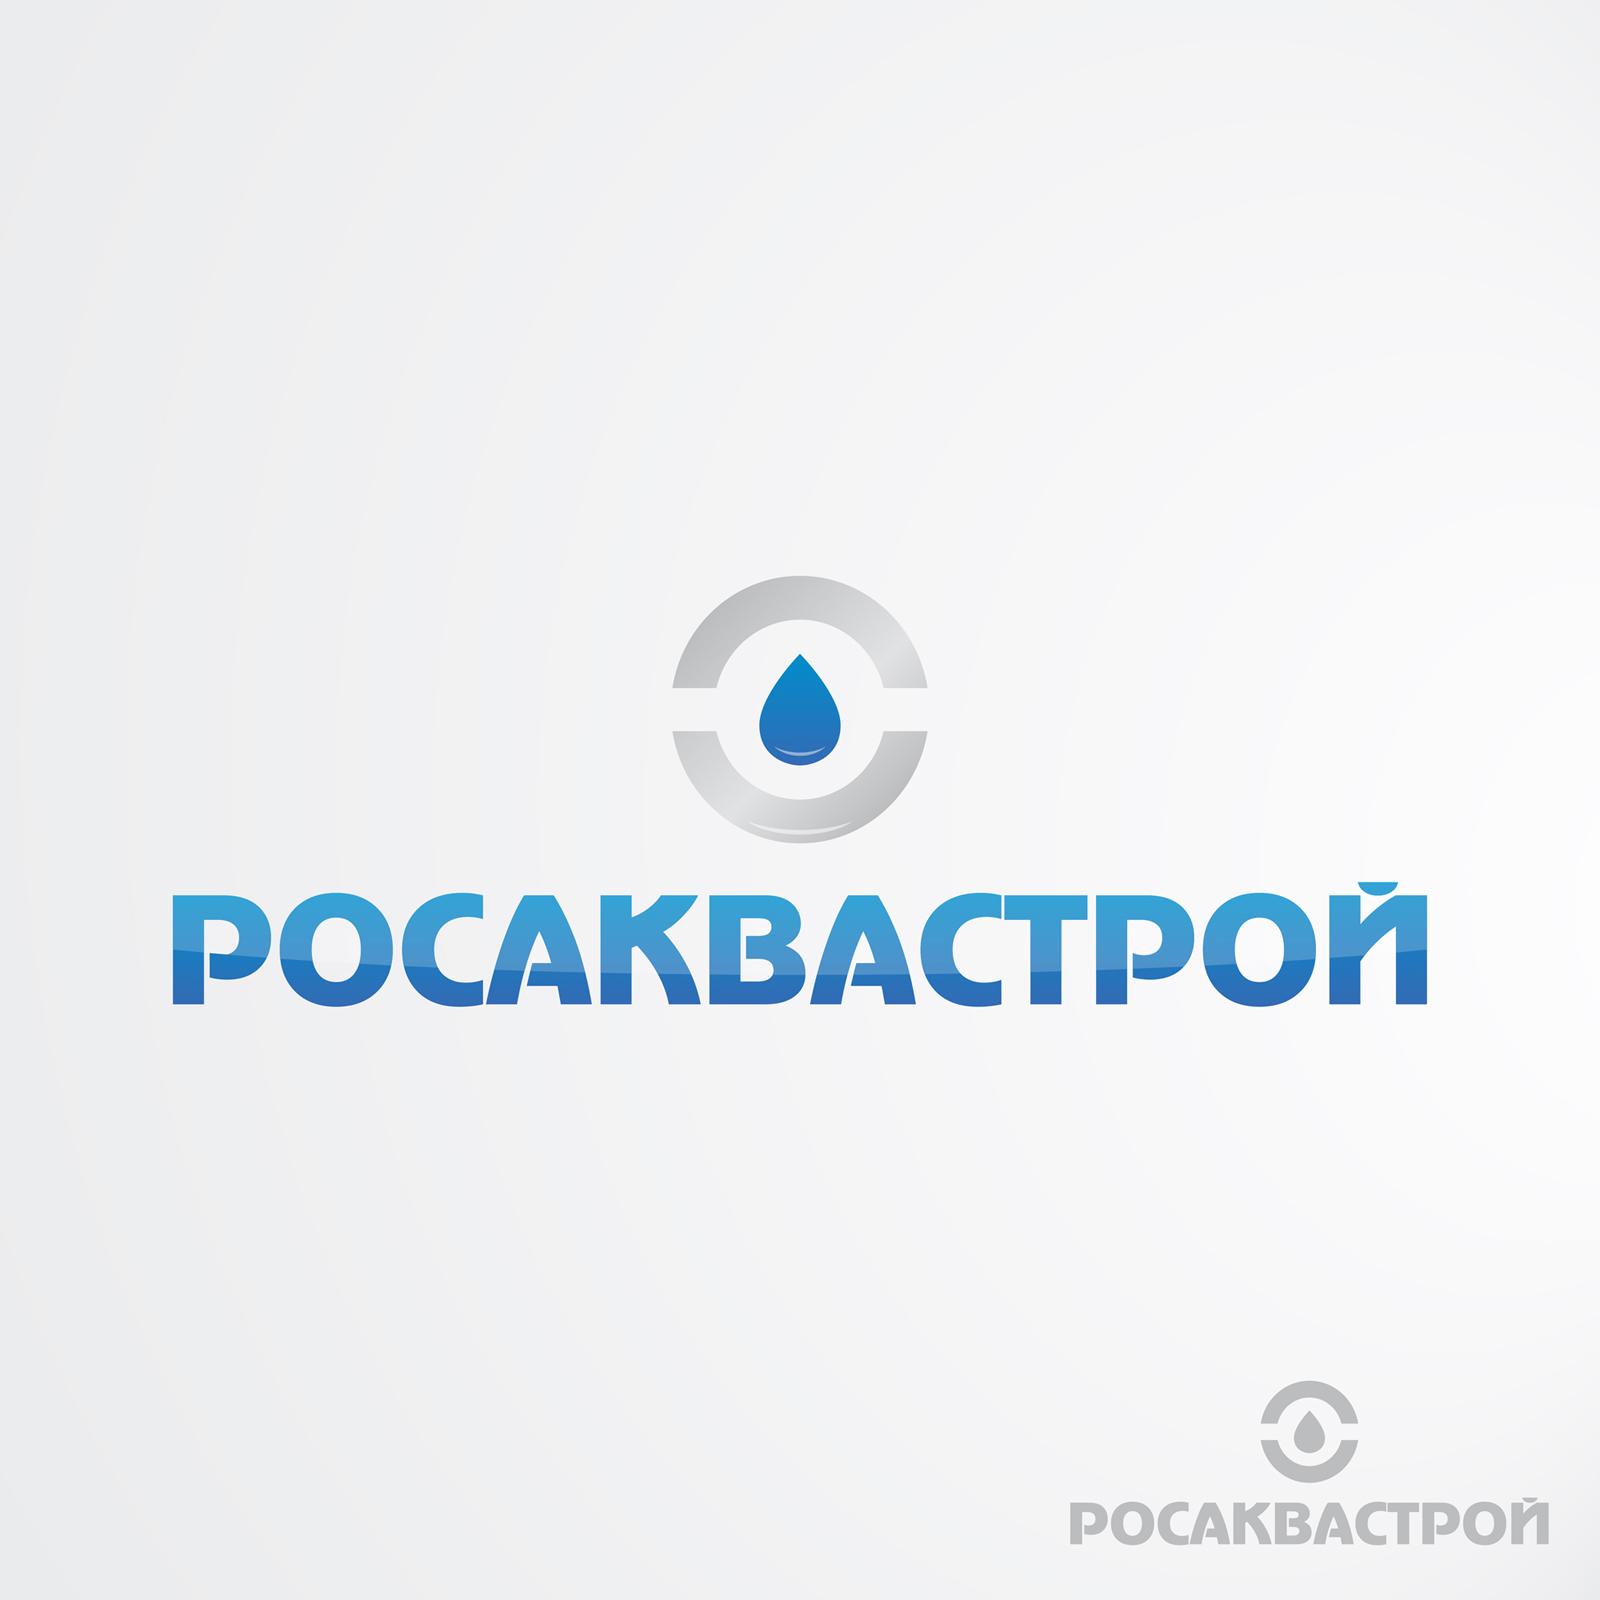 Создание логотипа фото f_4eb64f731c3d5.jpg